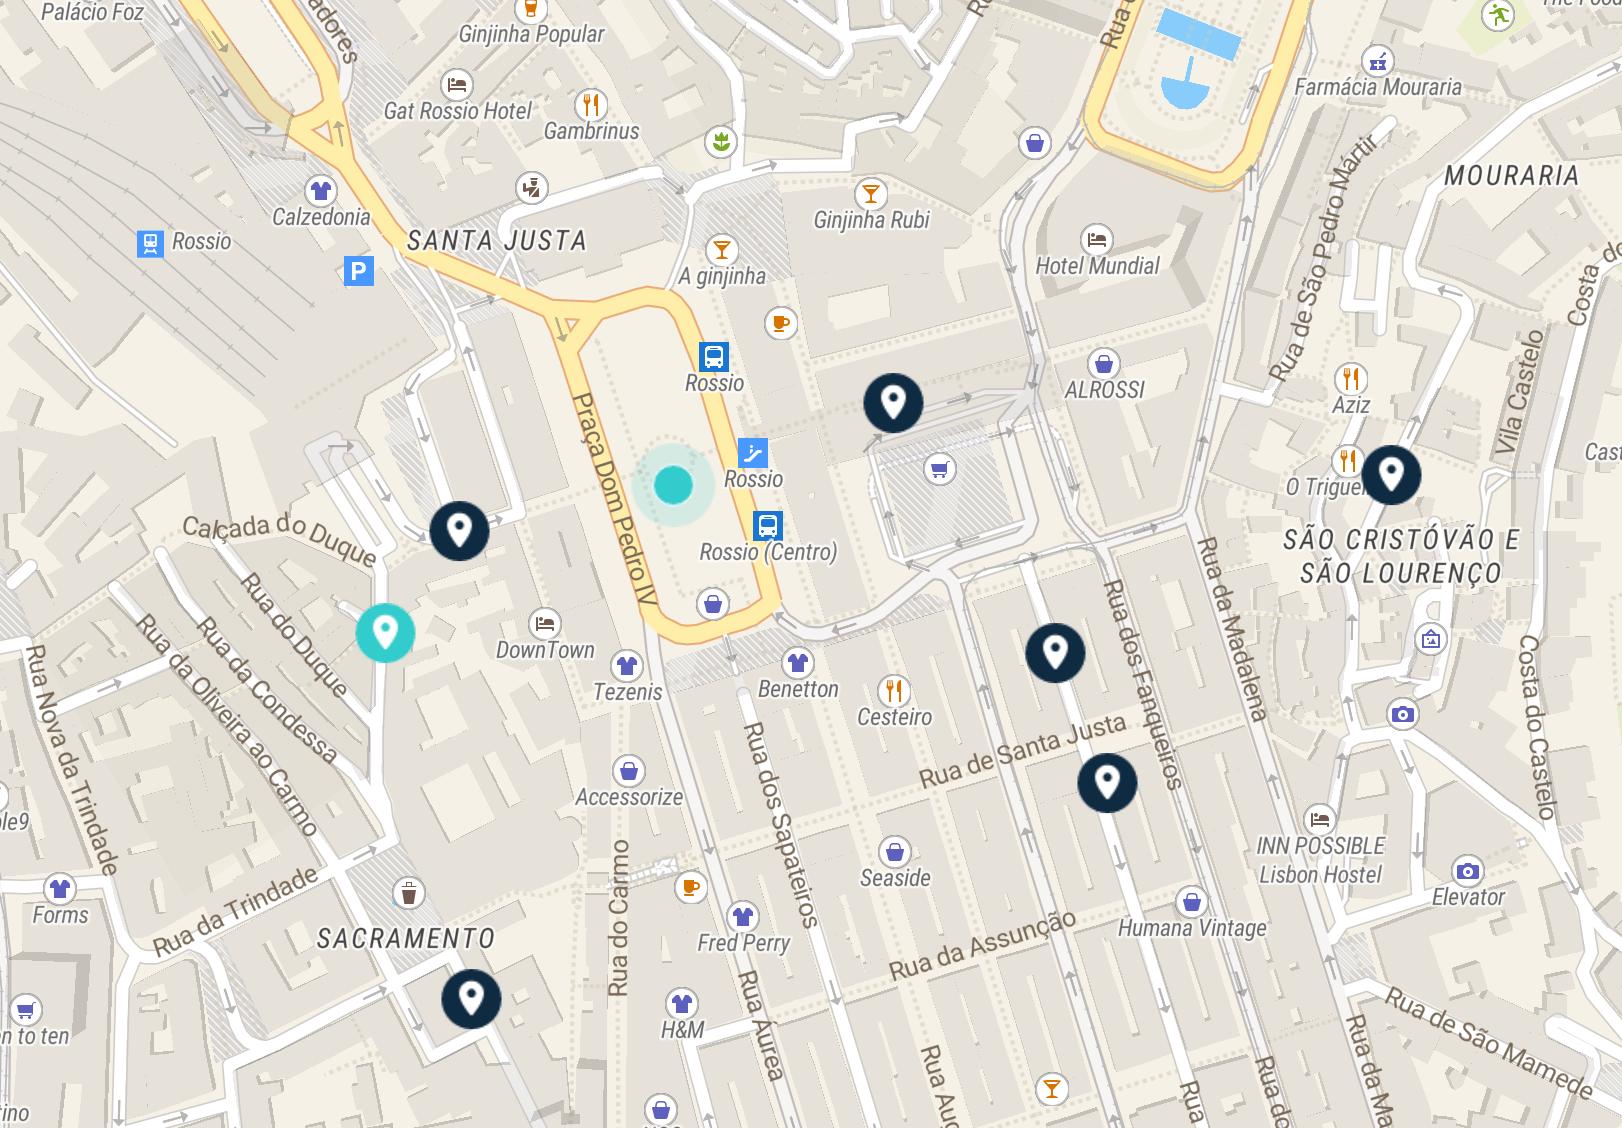 luggage storage rossio map